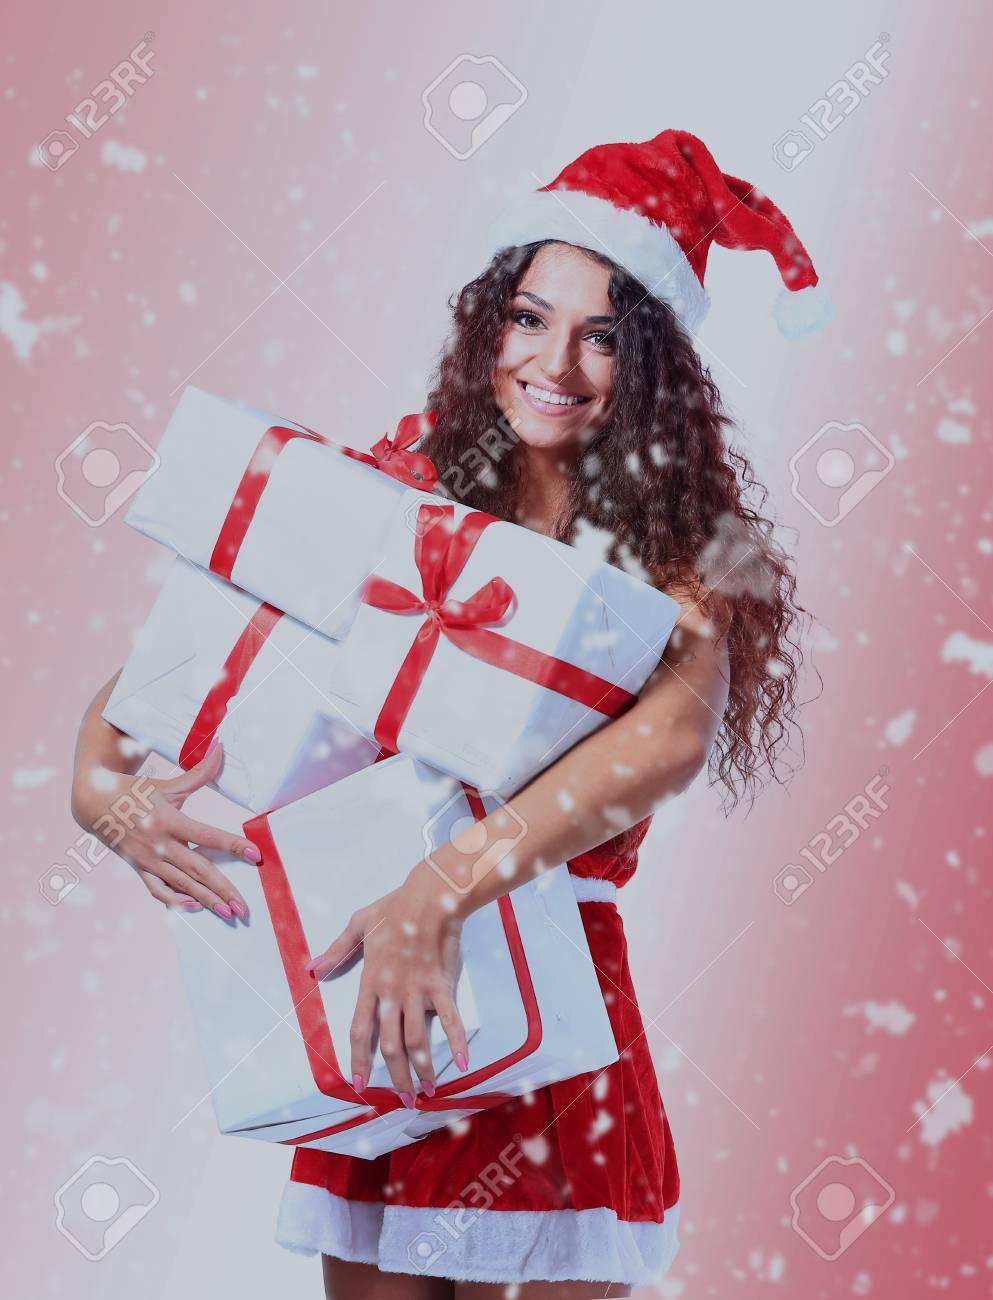 Christmas Santa Woman Portrait Hold Christmas Gifts. Stock Photo ...